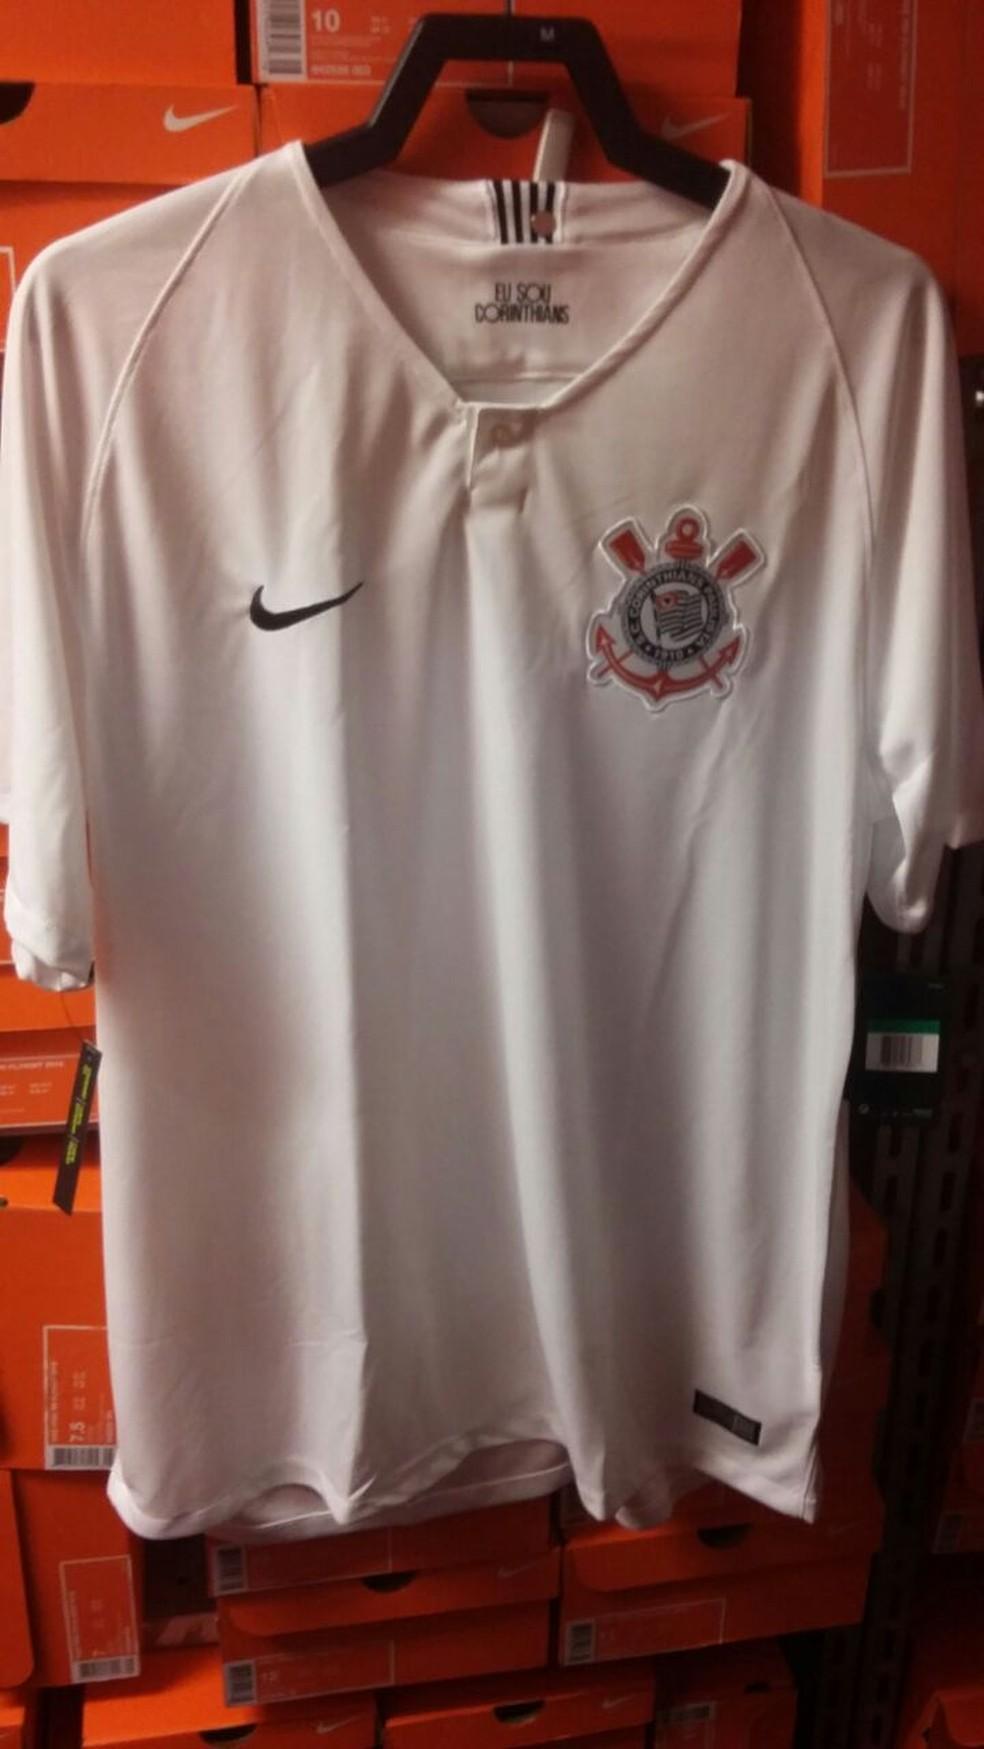 Noca camisa branca do Corinthians  (Foto: Reprodução)